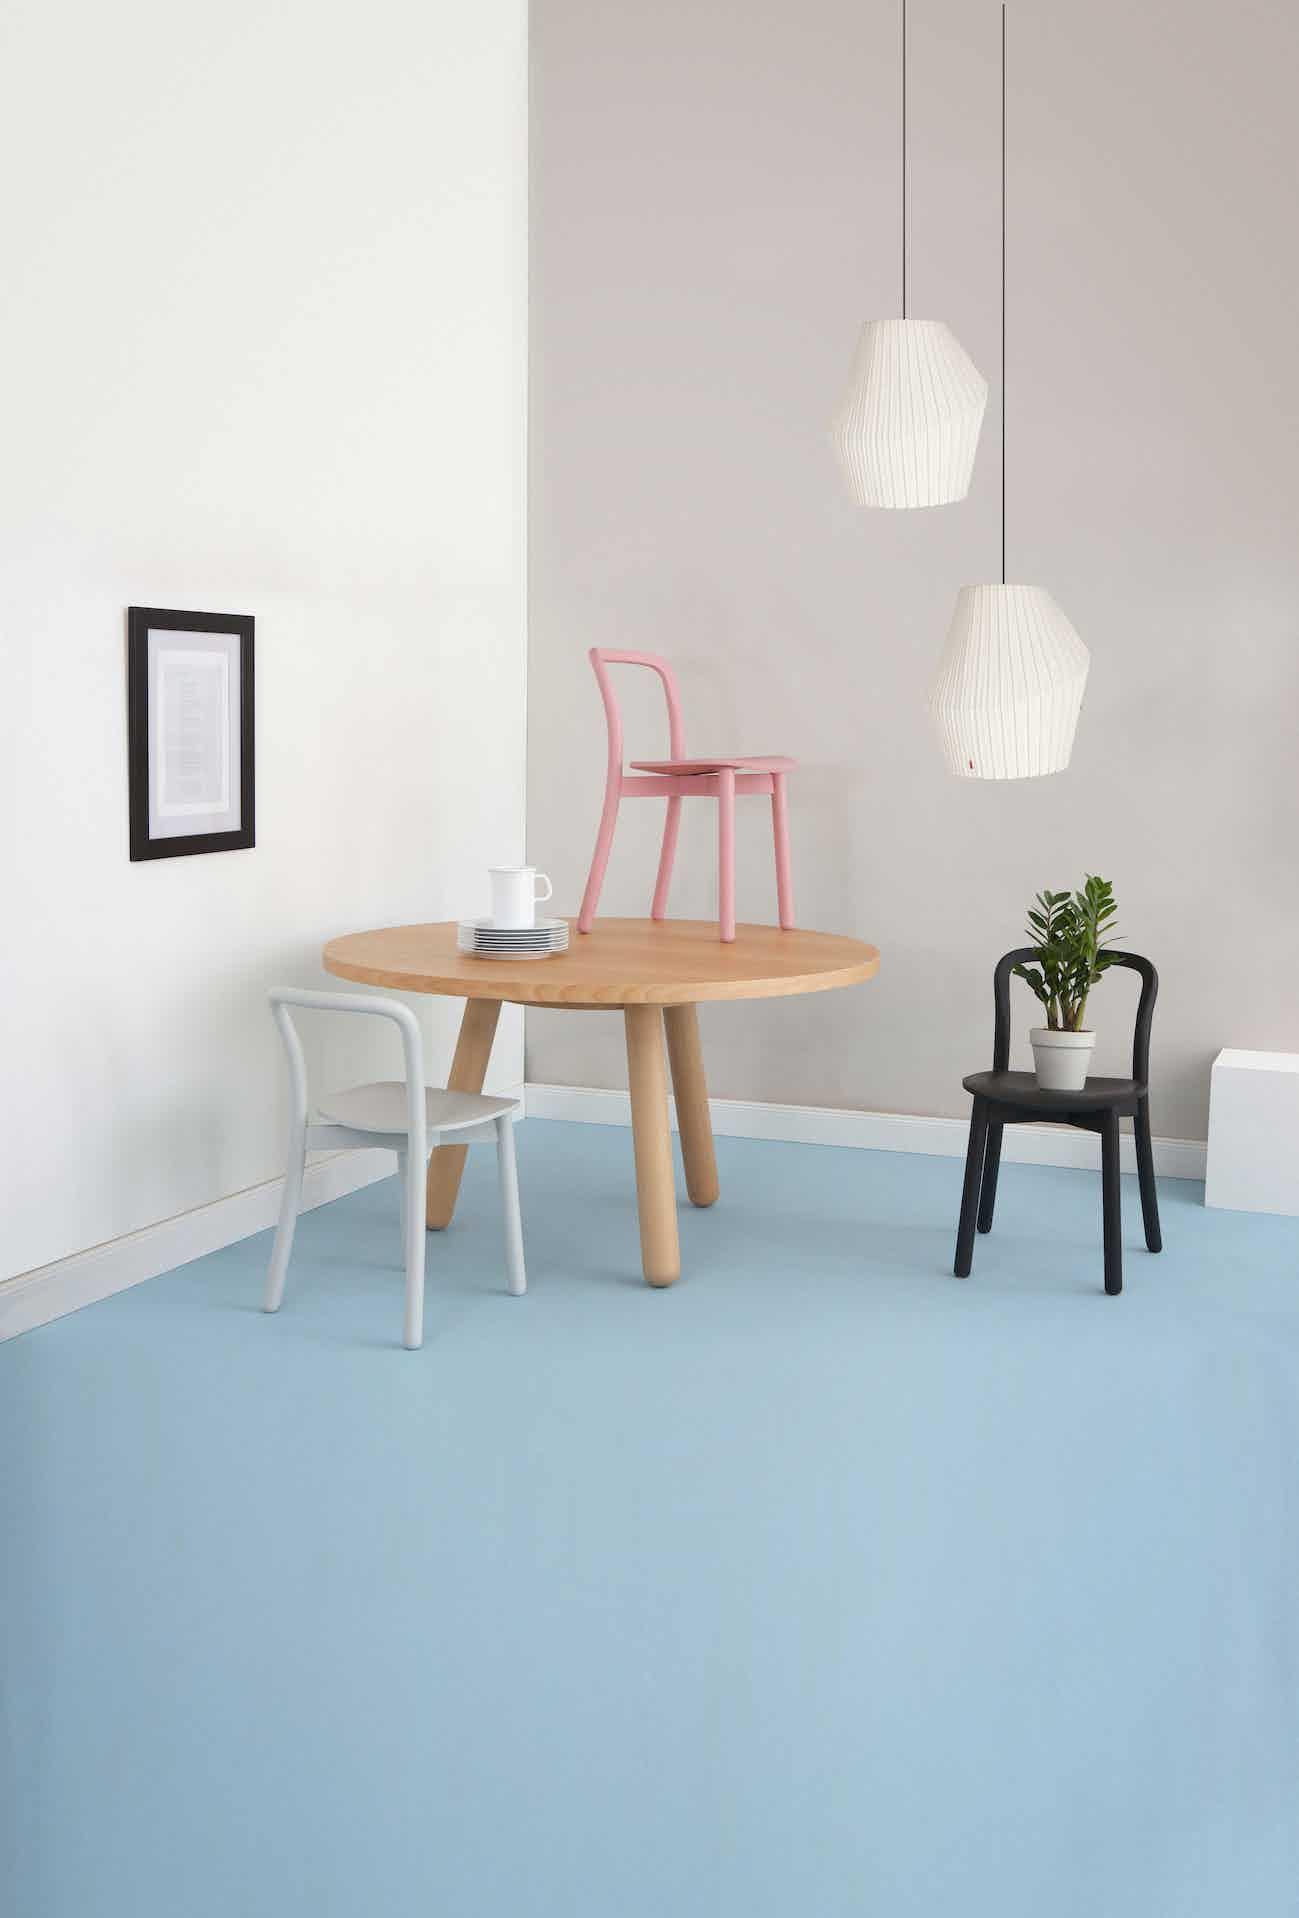 dum furniture dealer haute living chicago